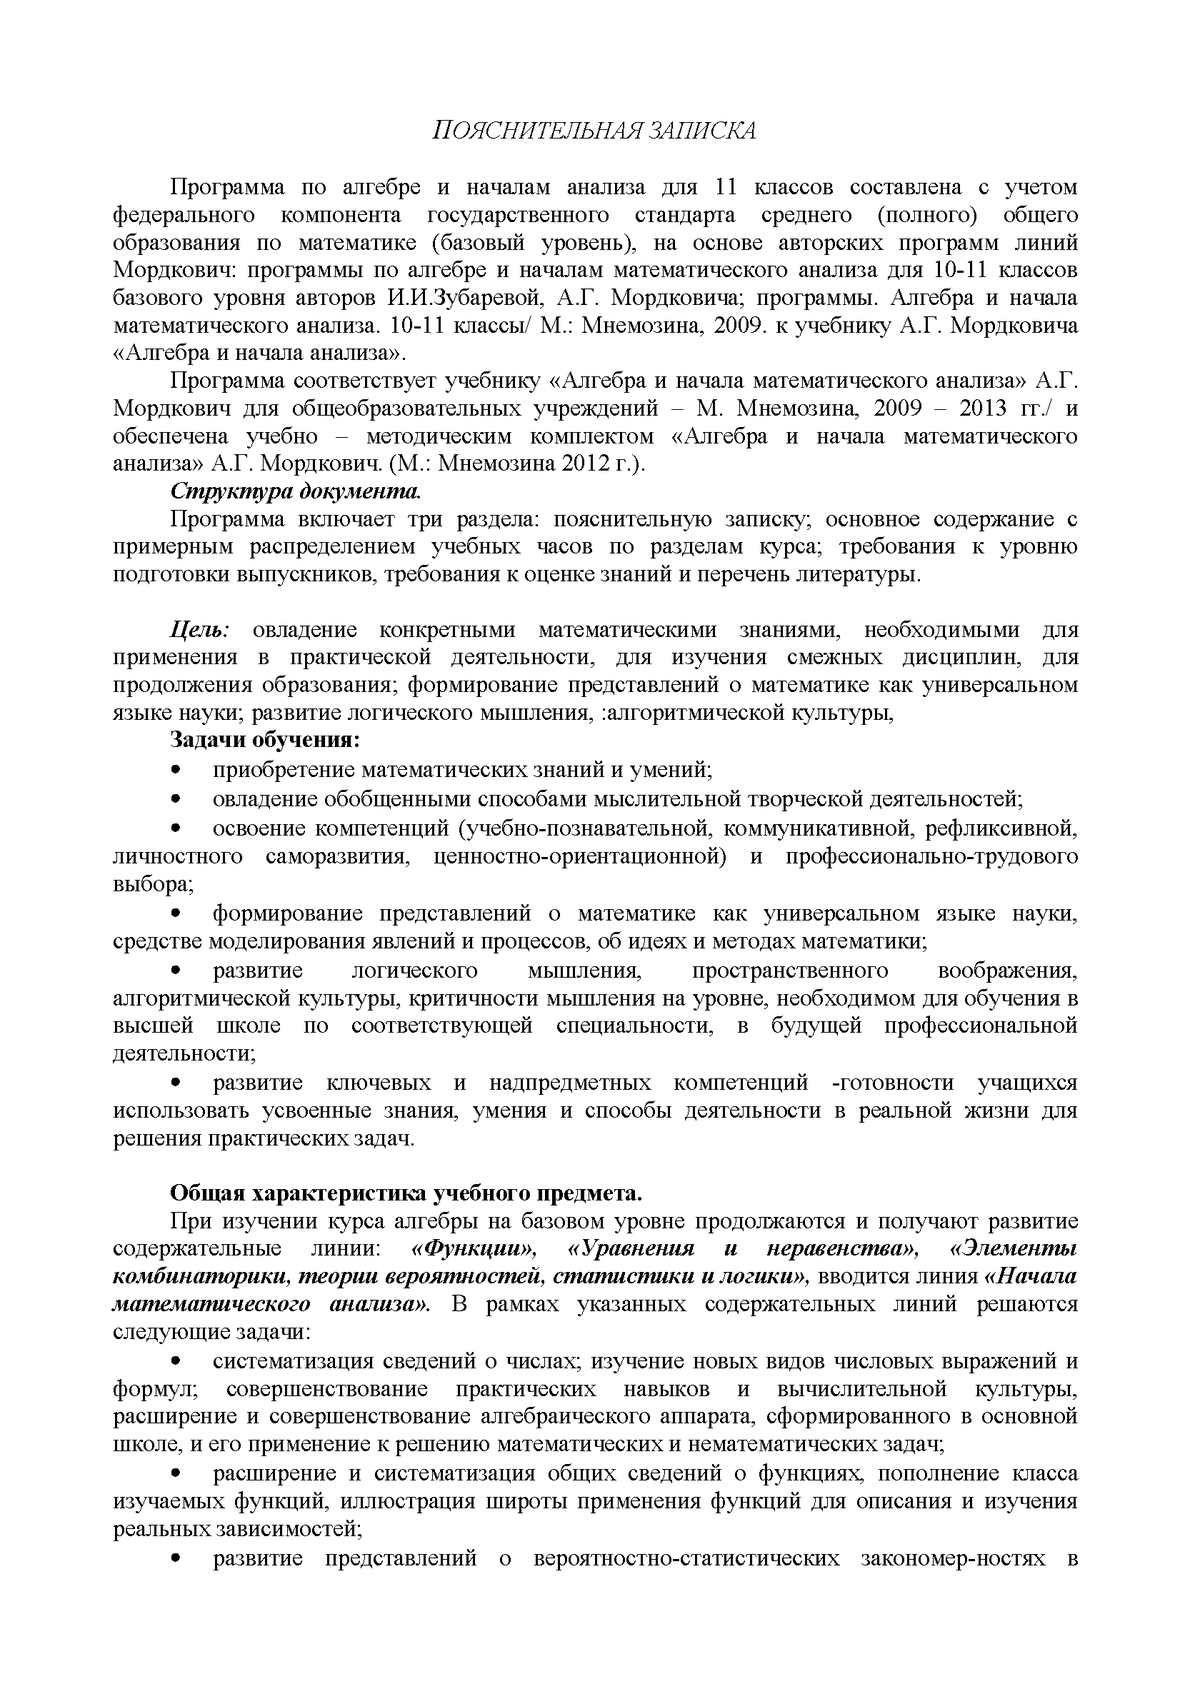 Львов и львова русский язык 7 класс 2часть читать бесплатно